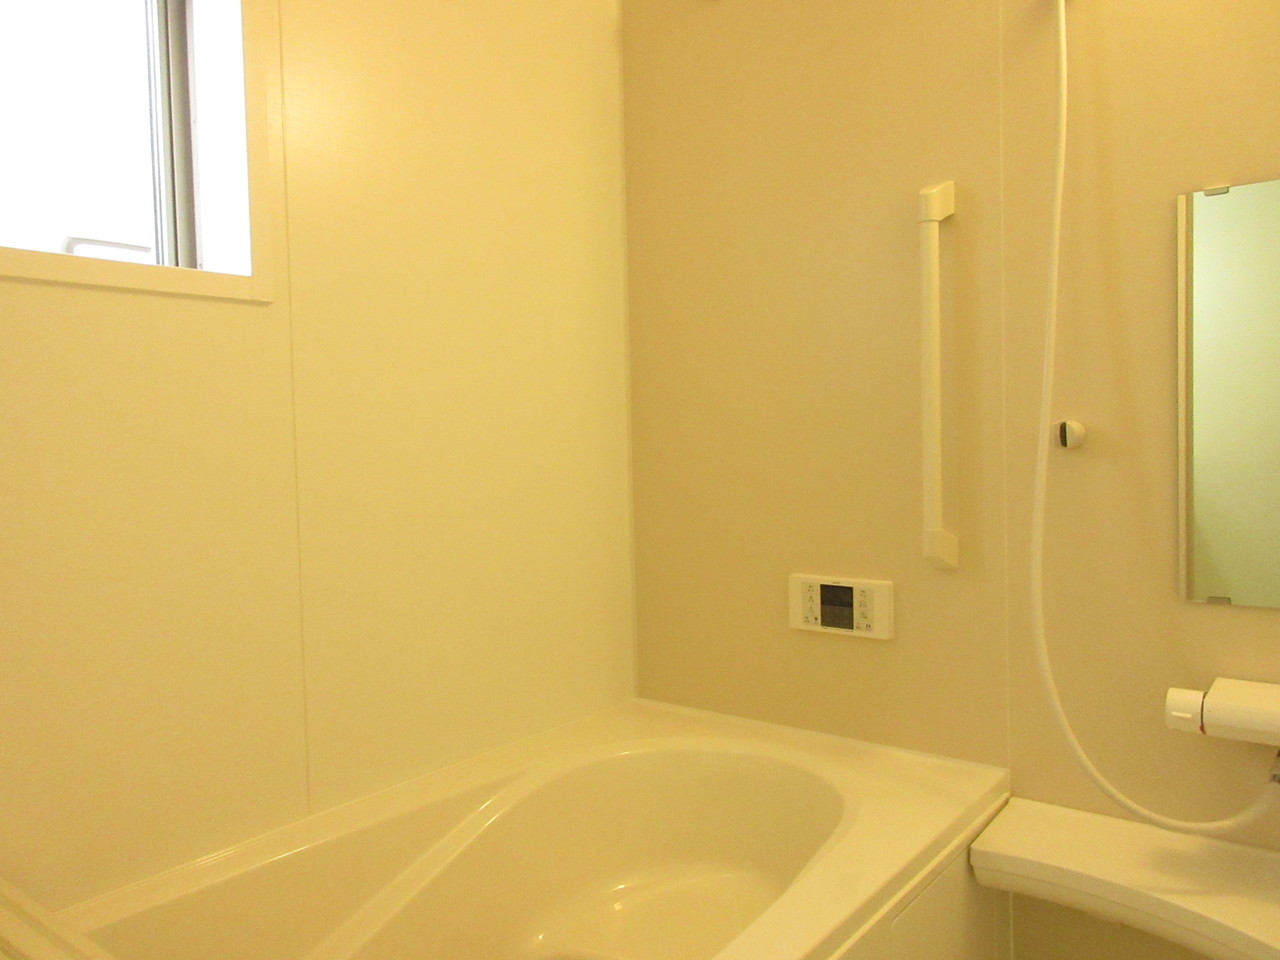 すっきりとシンプルな浴室は落ち着いてバスタイムを楽しめます♪日々の疲れを癒してください(^^)